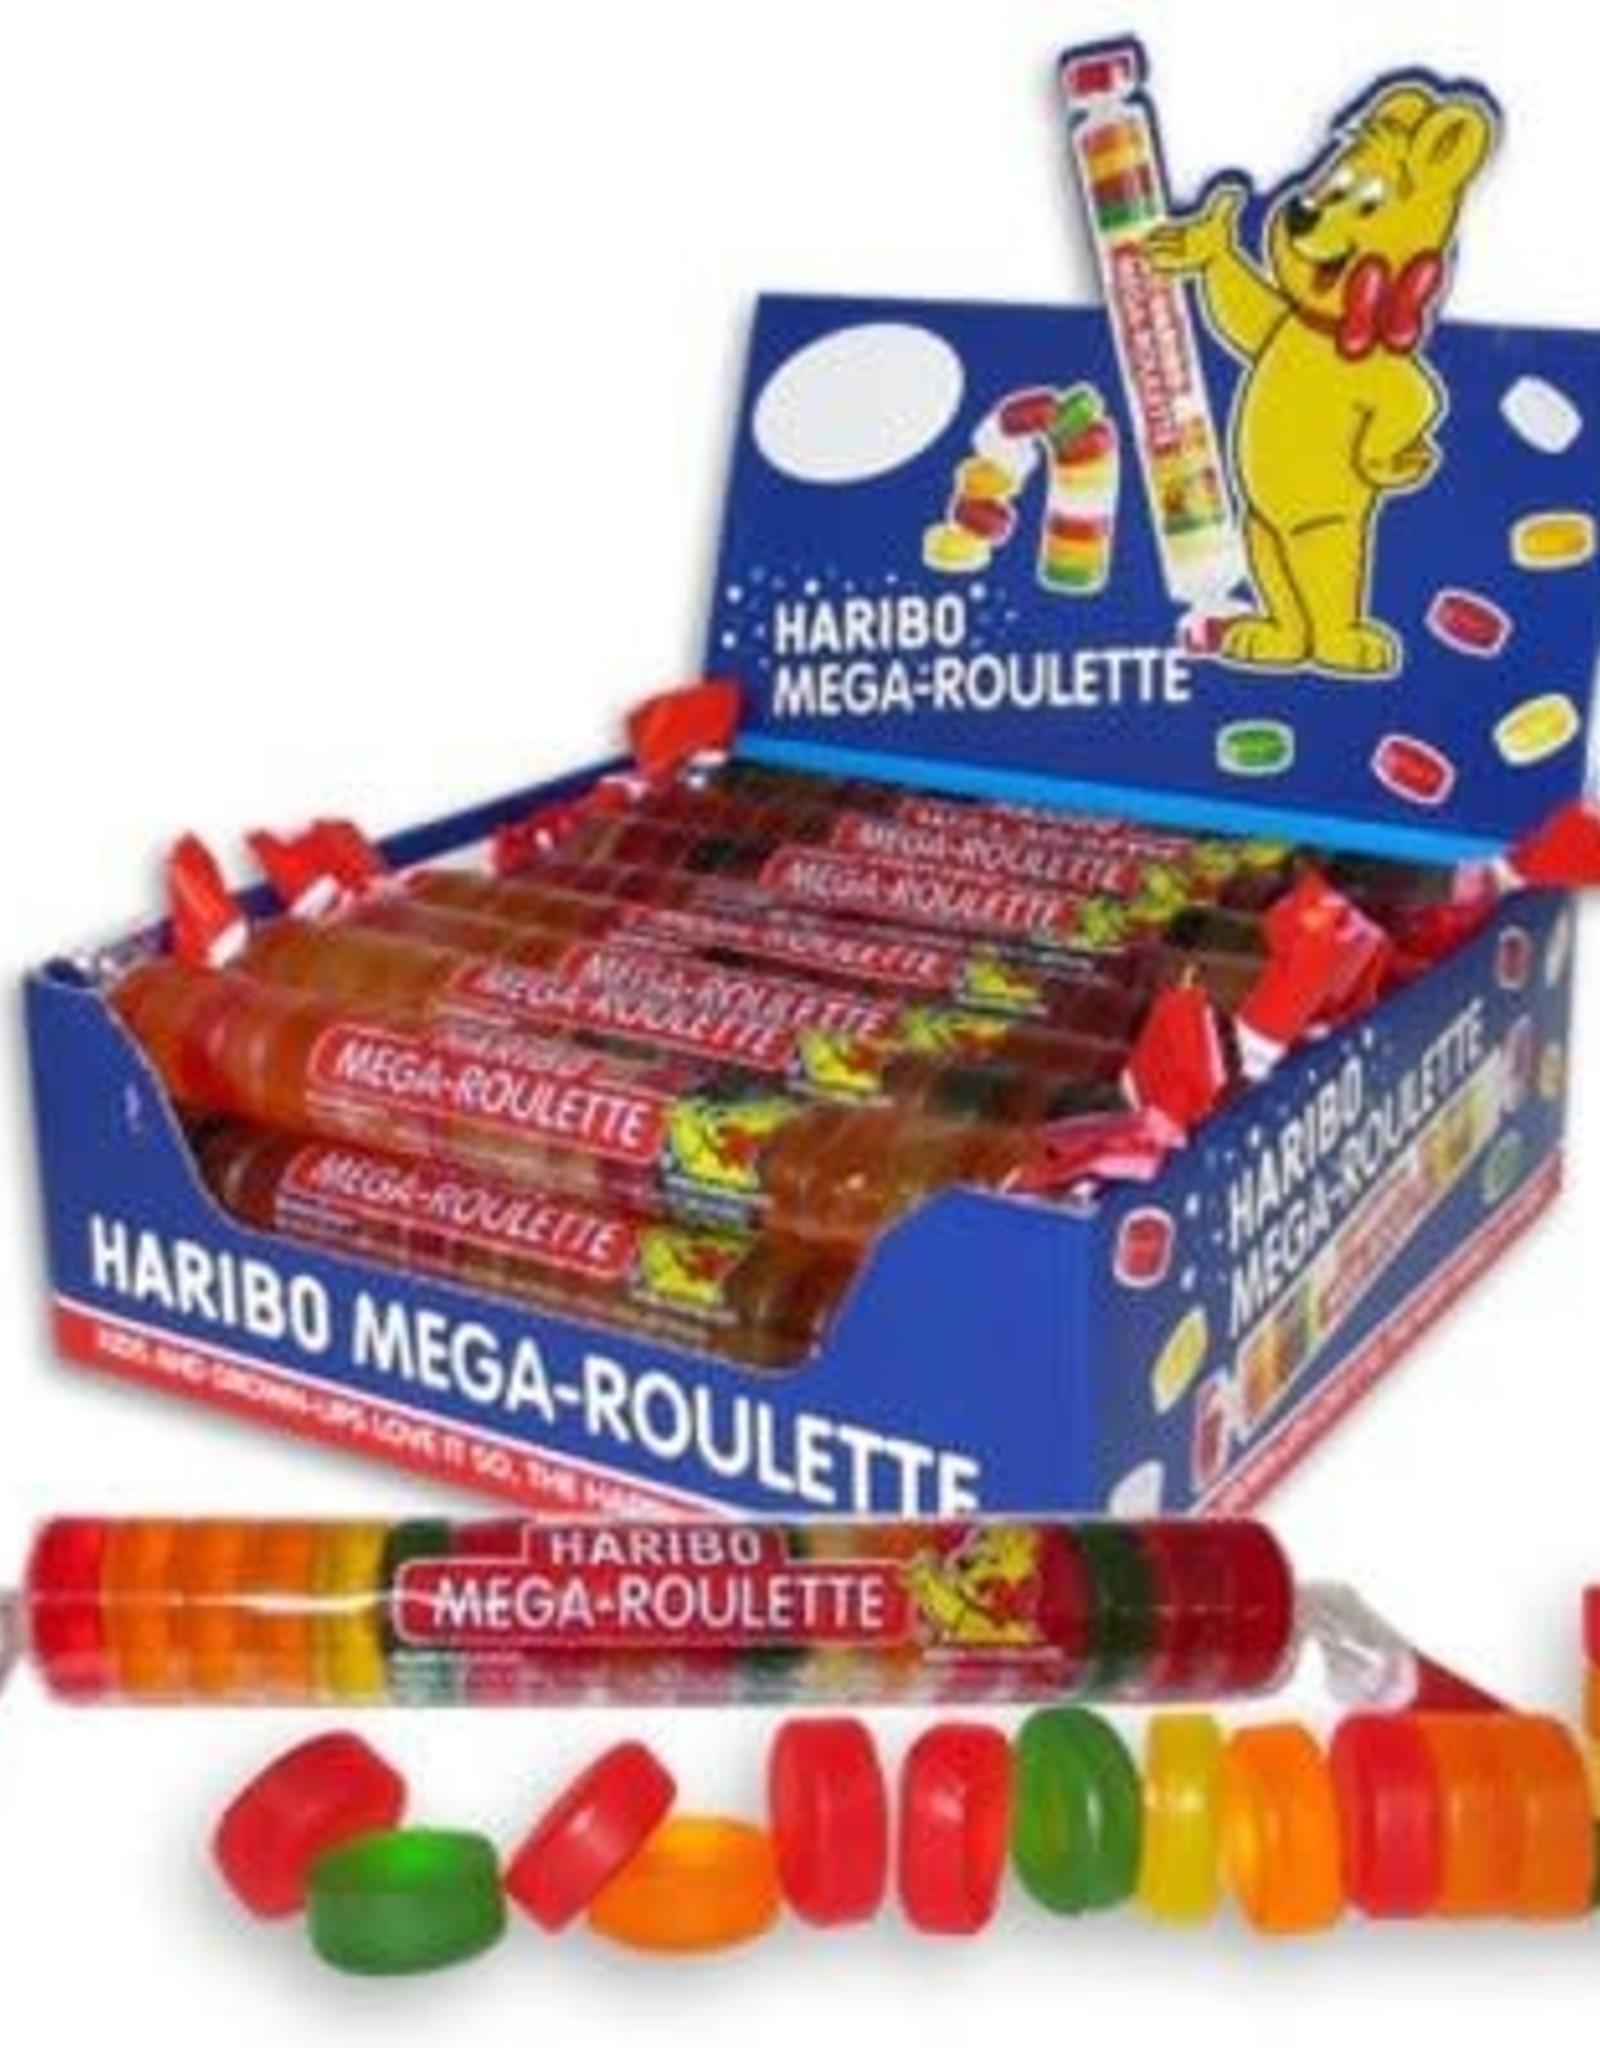 Haribo Haribo Gummi Mega-Roulette